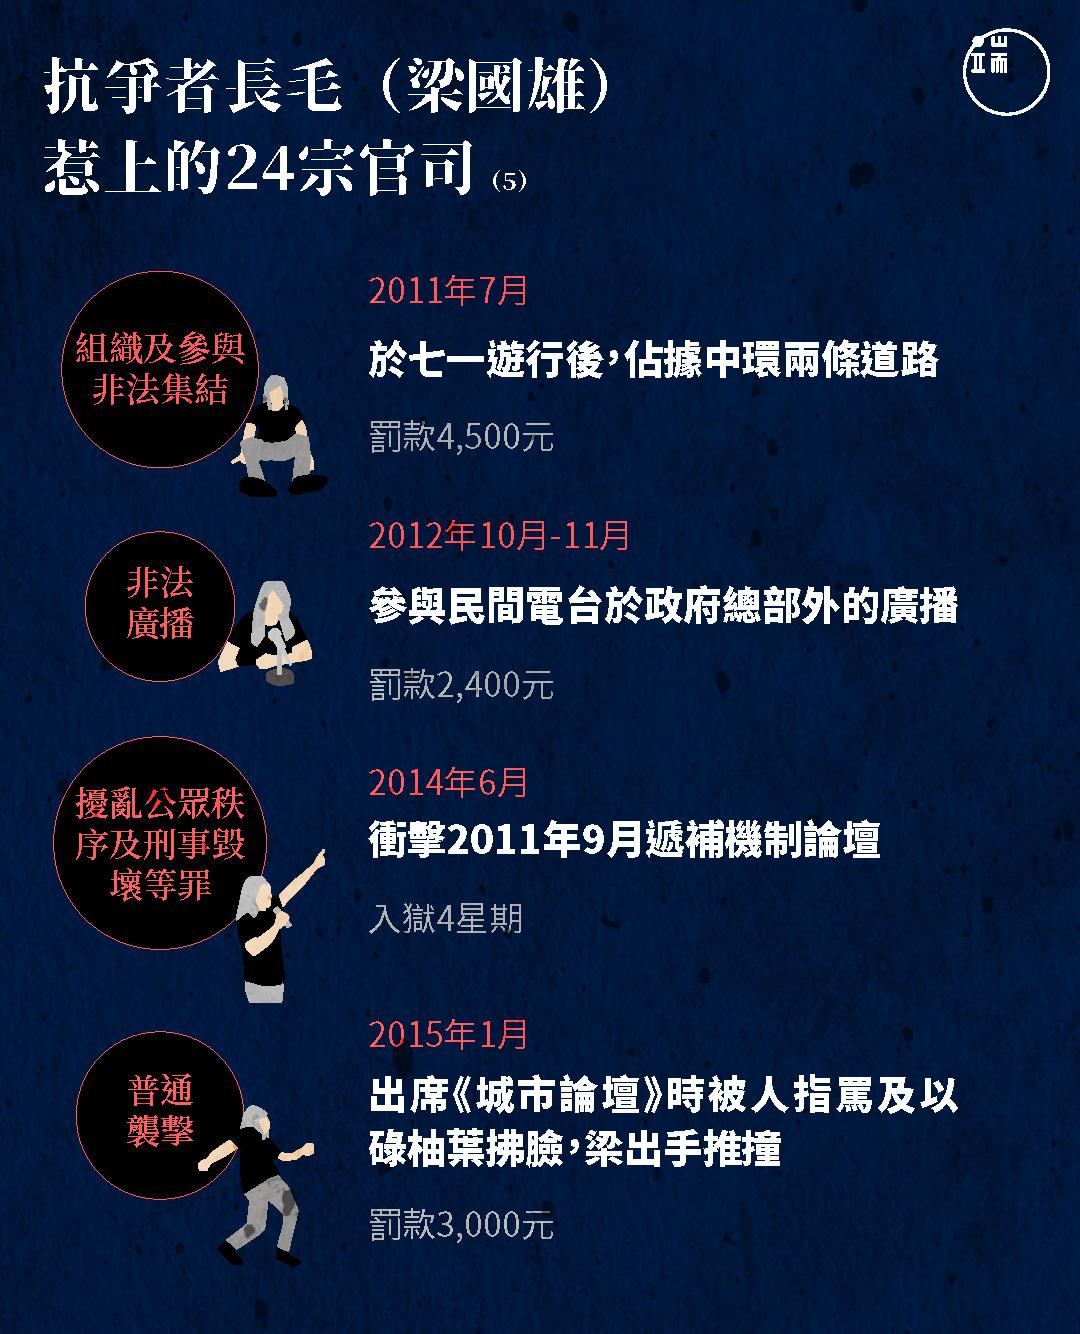 抗爭者長毛(梁國雄)惹上的24宗官司(5)